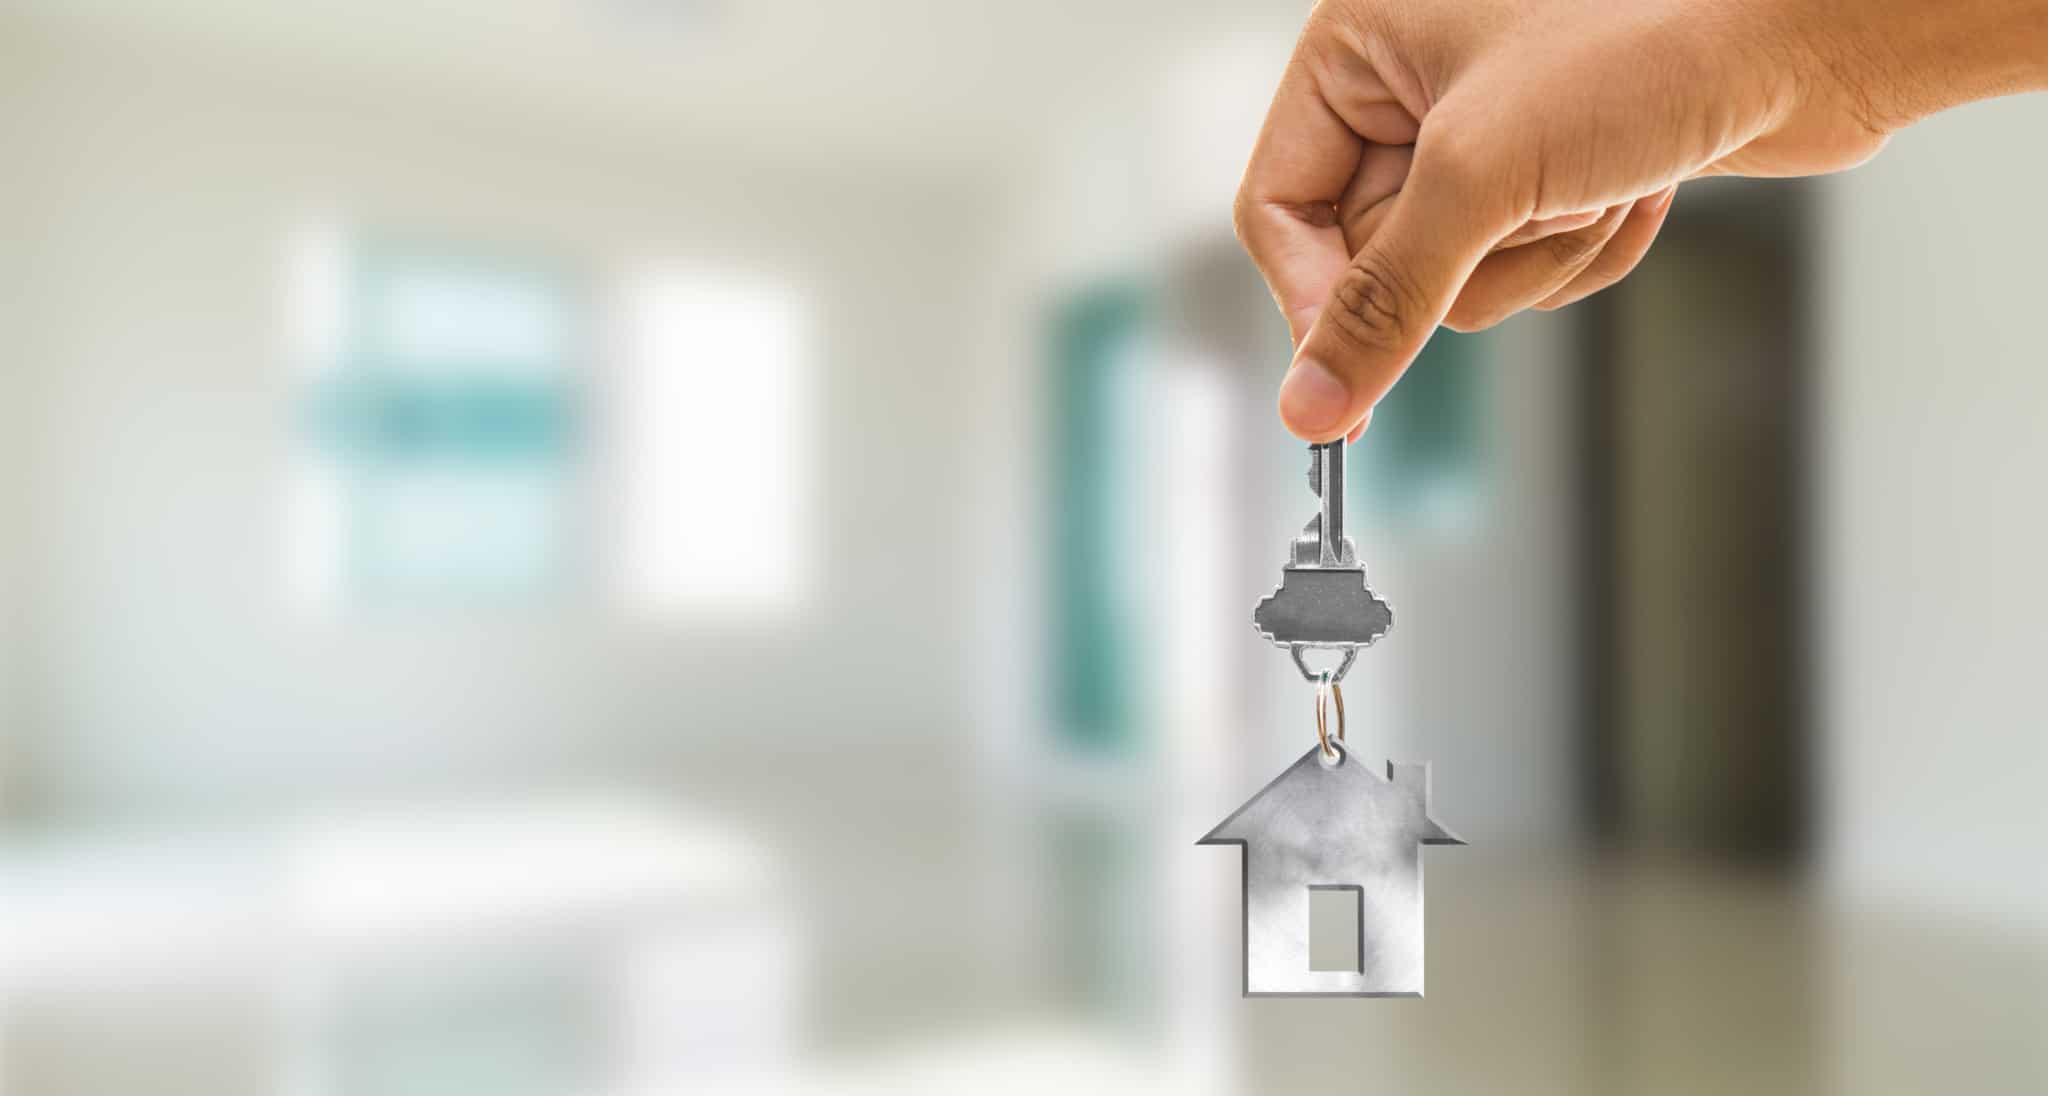 Mão a segurar um porta-chaves em forma de casa